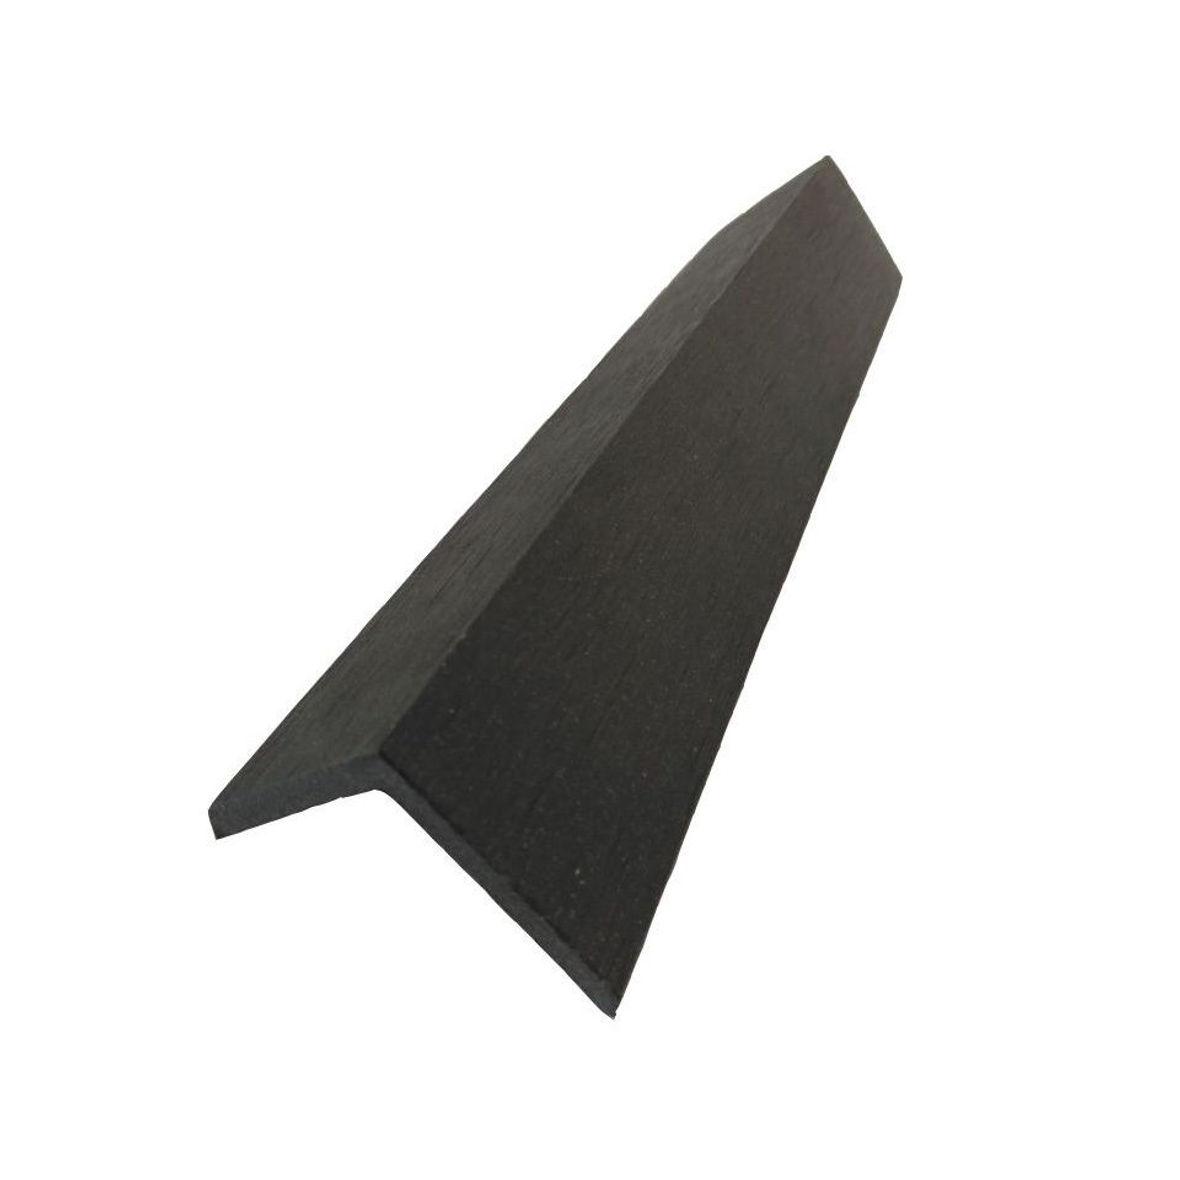 KĄTOWNIK RÓWNORAMIENNY WPC BLACK 45X45X2